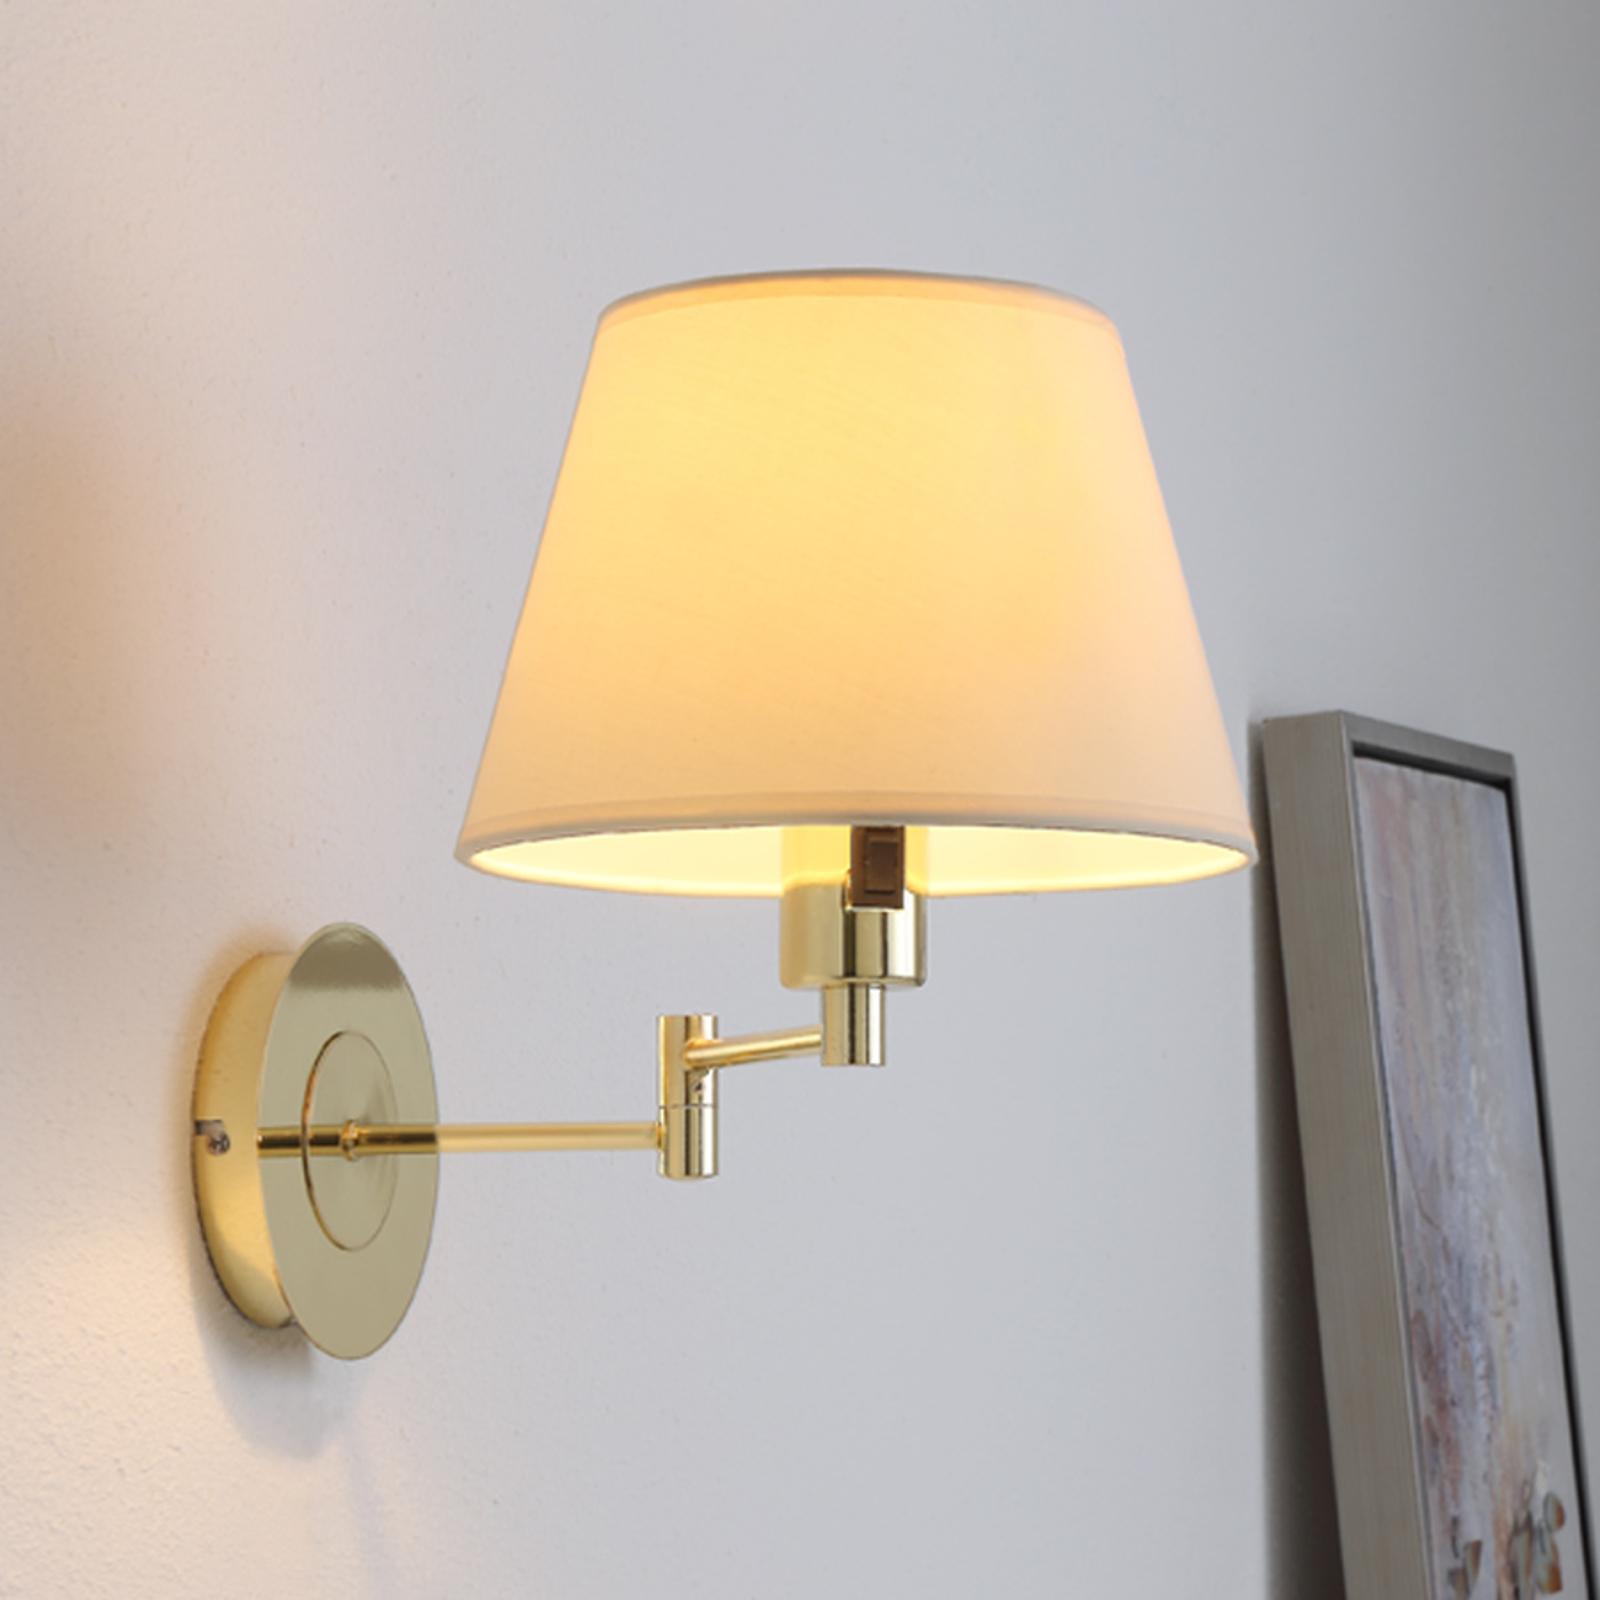 Uittrekbare wandlamp Pola